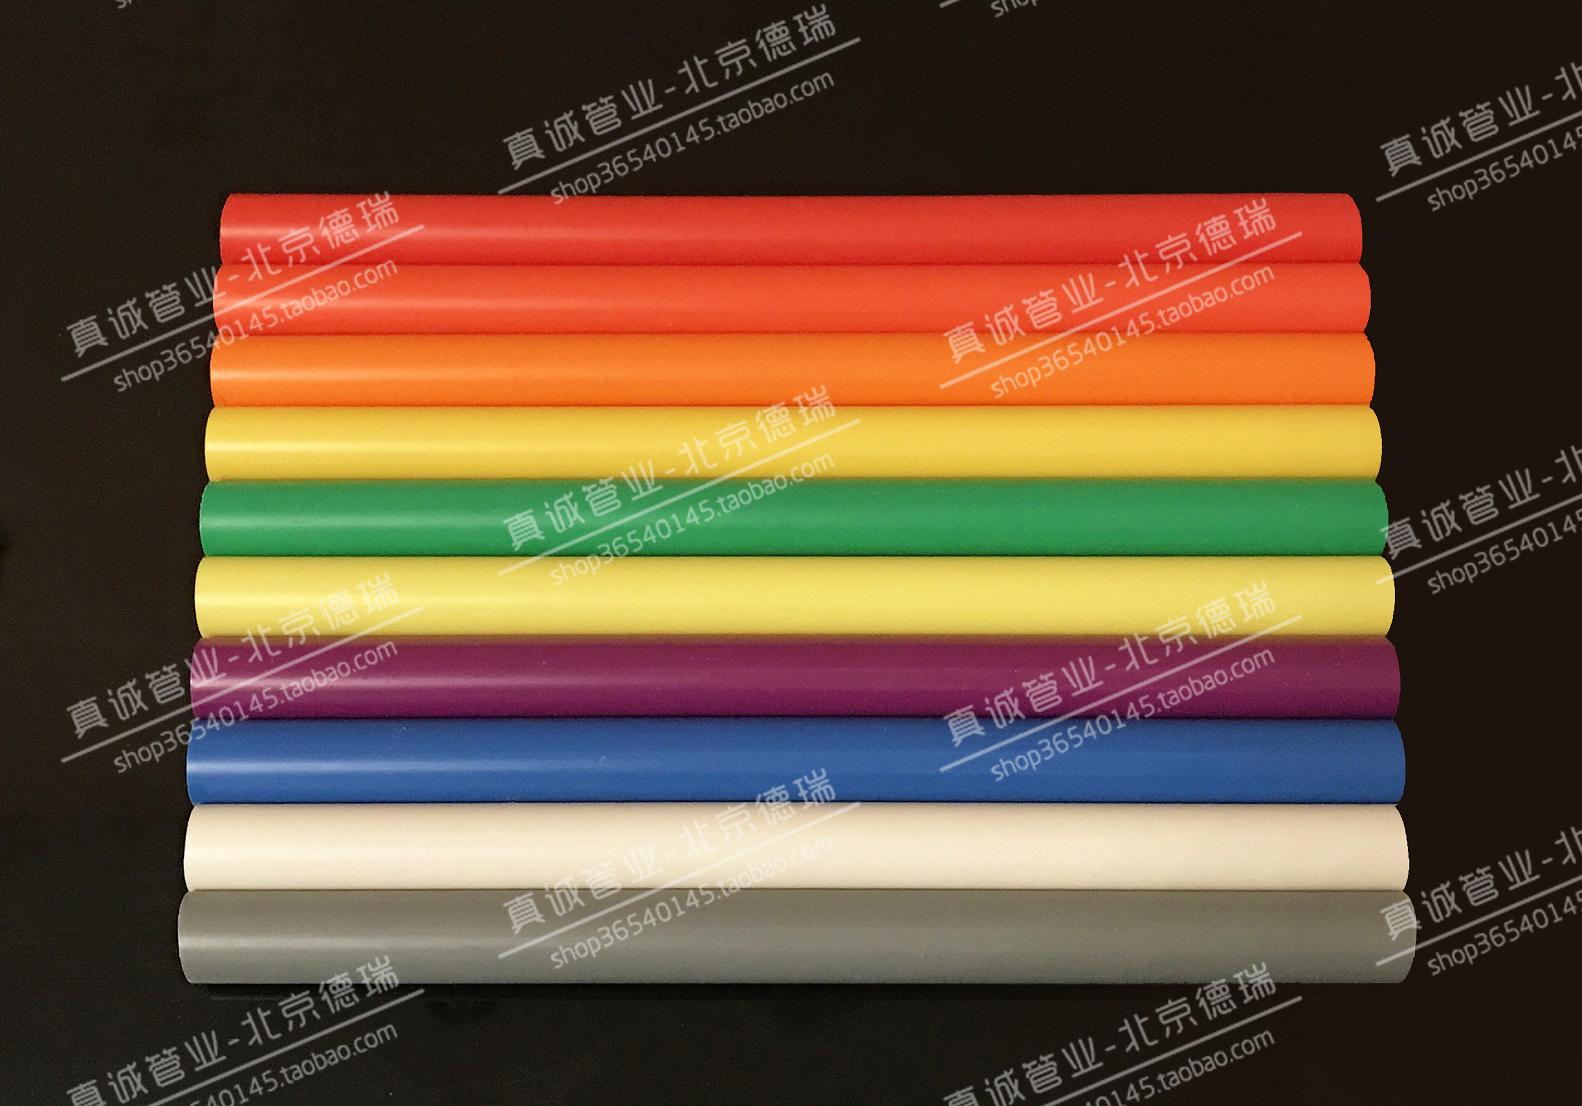 定制】pvc电线管 彩色穿线管 塑料管 下线管Φ20厚1.4mm 75米/捆